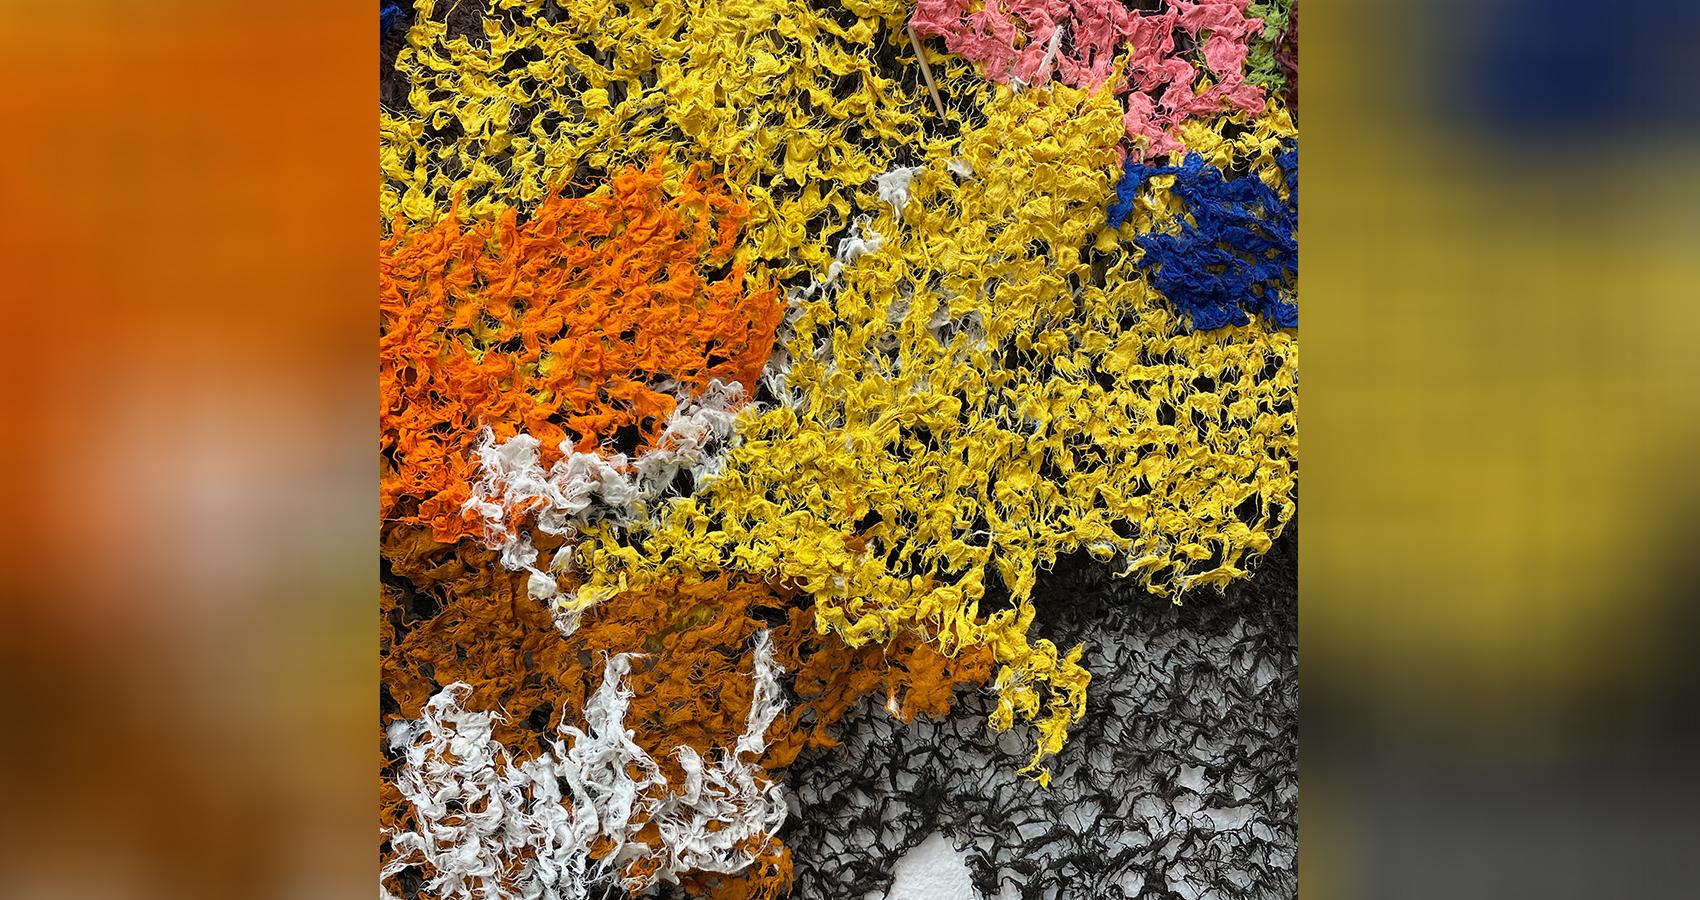 Neha Vedpathak's Art At Display At Sundaram Tagore In New York